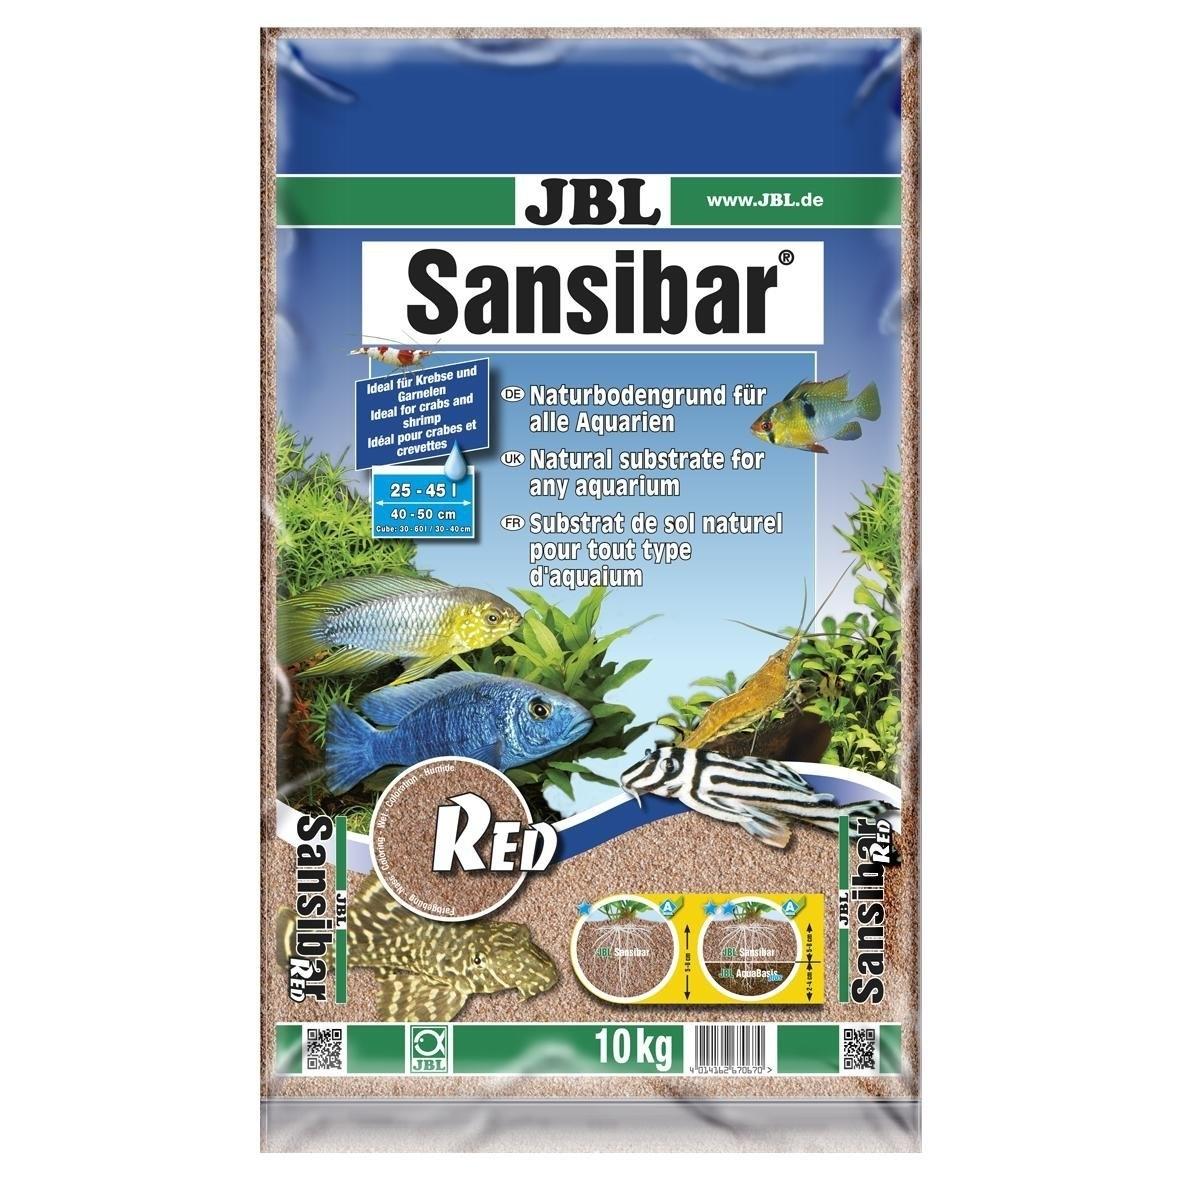 JBL Sansibar RED Bodengrund für Süß- und Meerwasser-Aquarien, 10kg